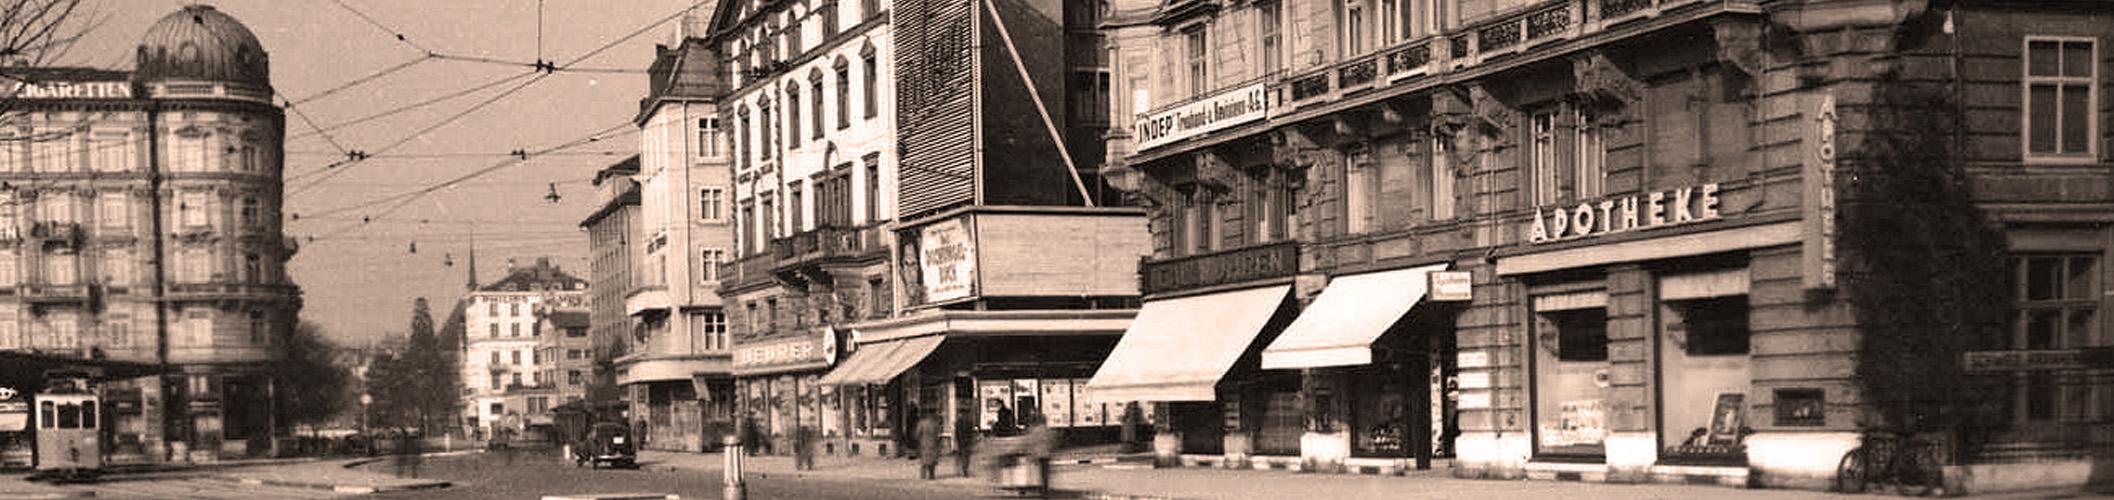 Bellevue Zahnärzte Zürich